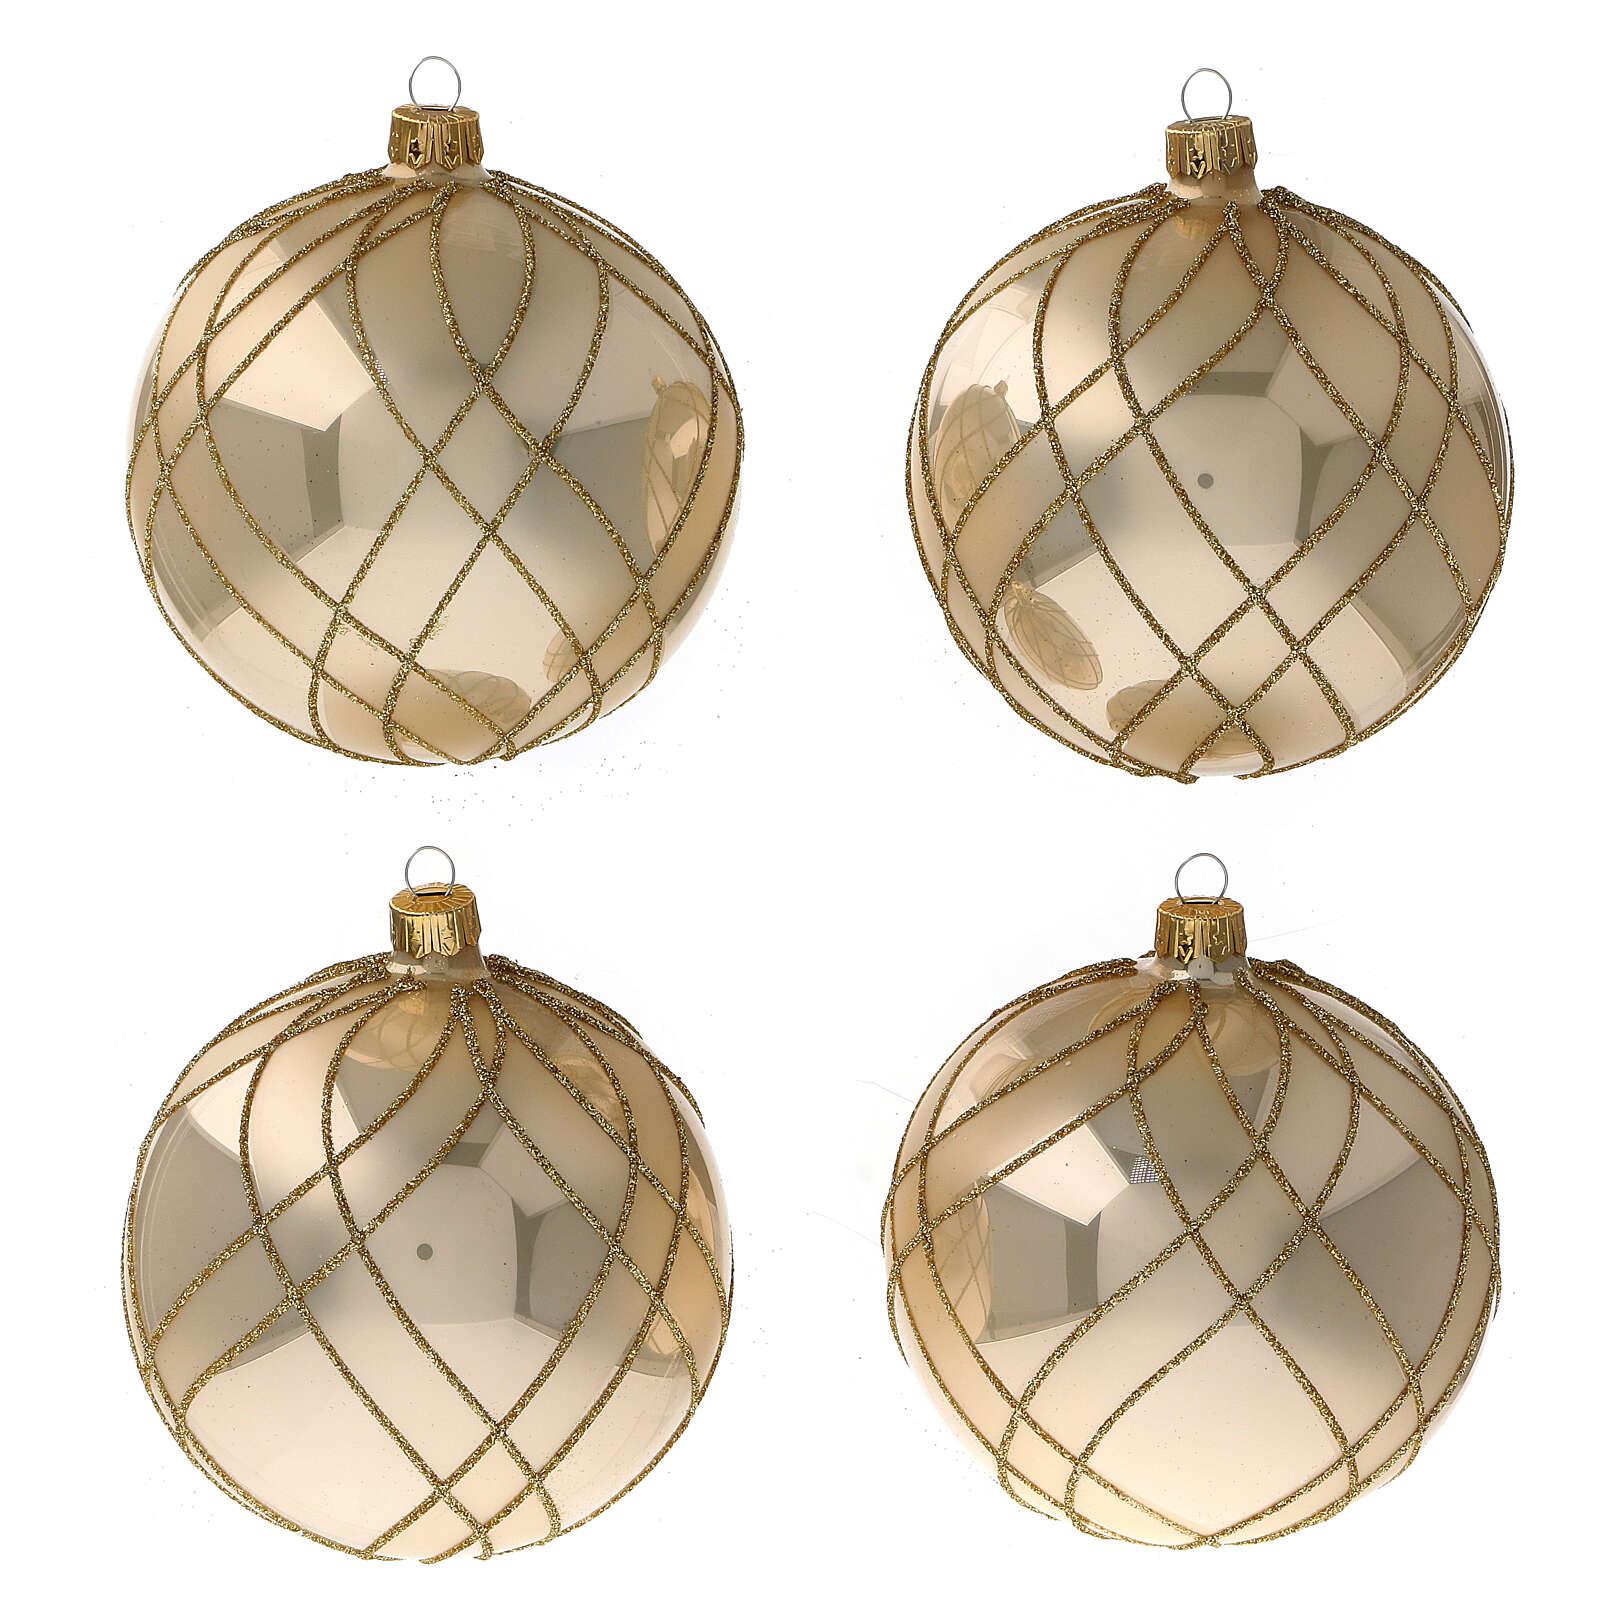 Bola árvore de Natal vidro soprado dourado com decorações entrelaçadas 100 mm 4